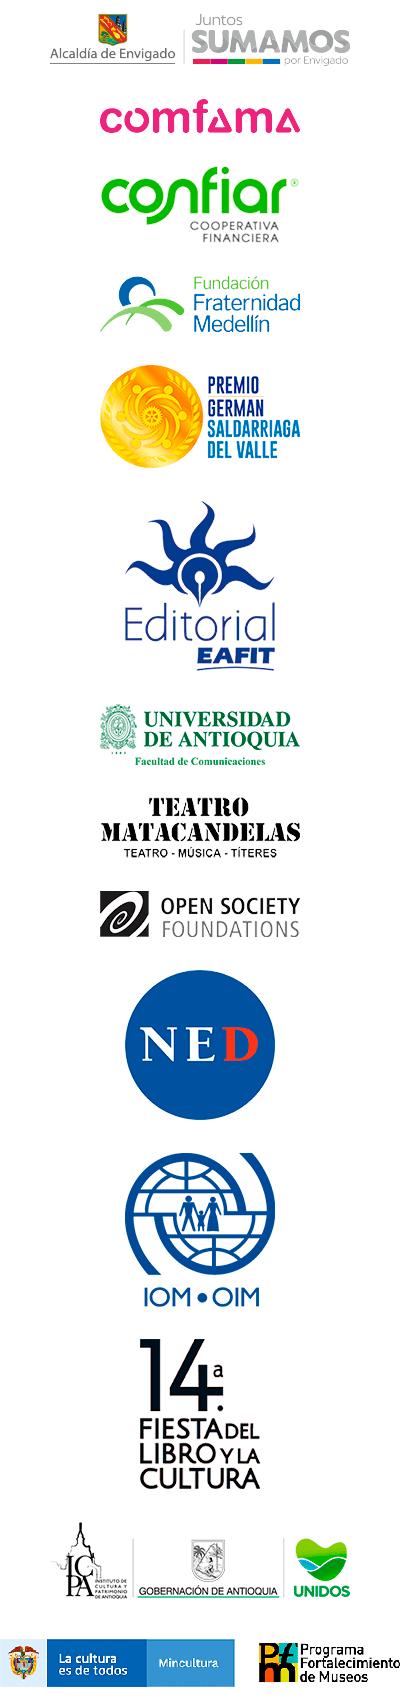 Logos de las entidades que apoyaron en 2020 a la Corporación Otraparte